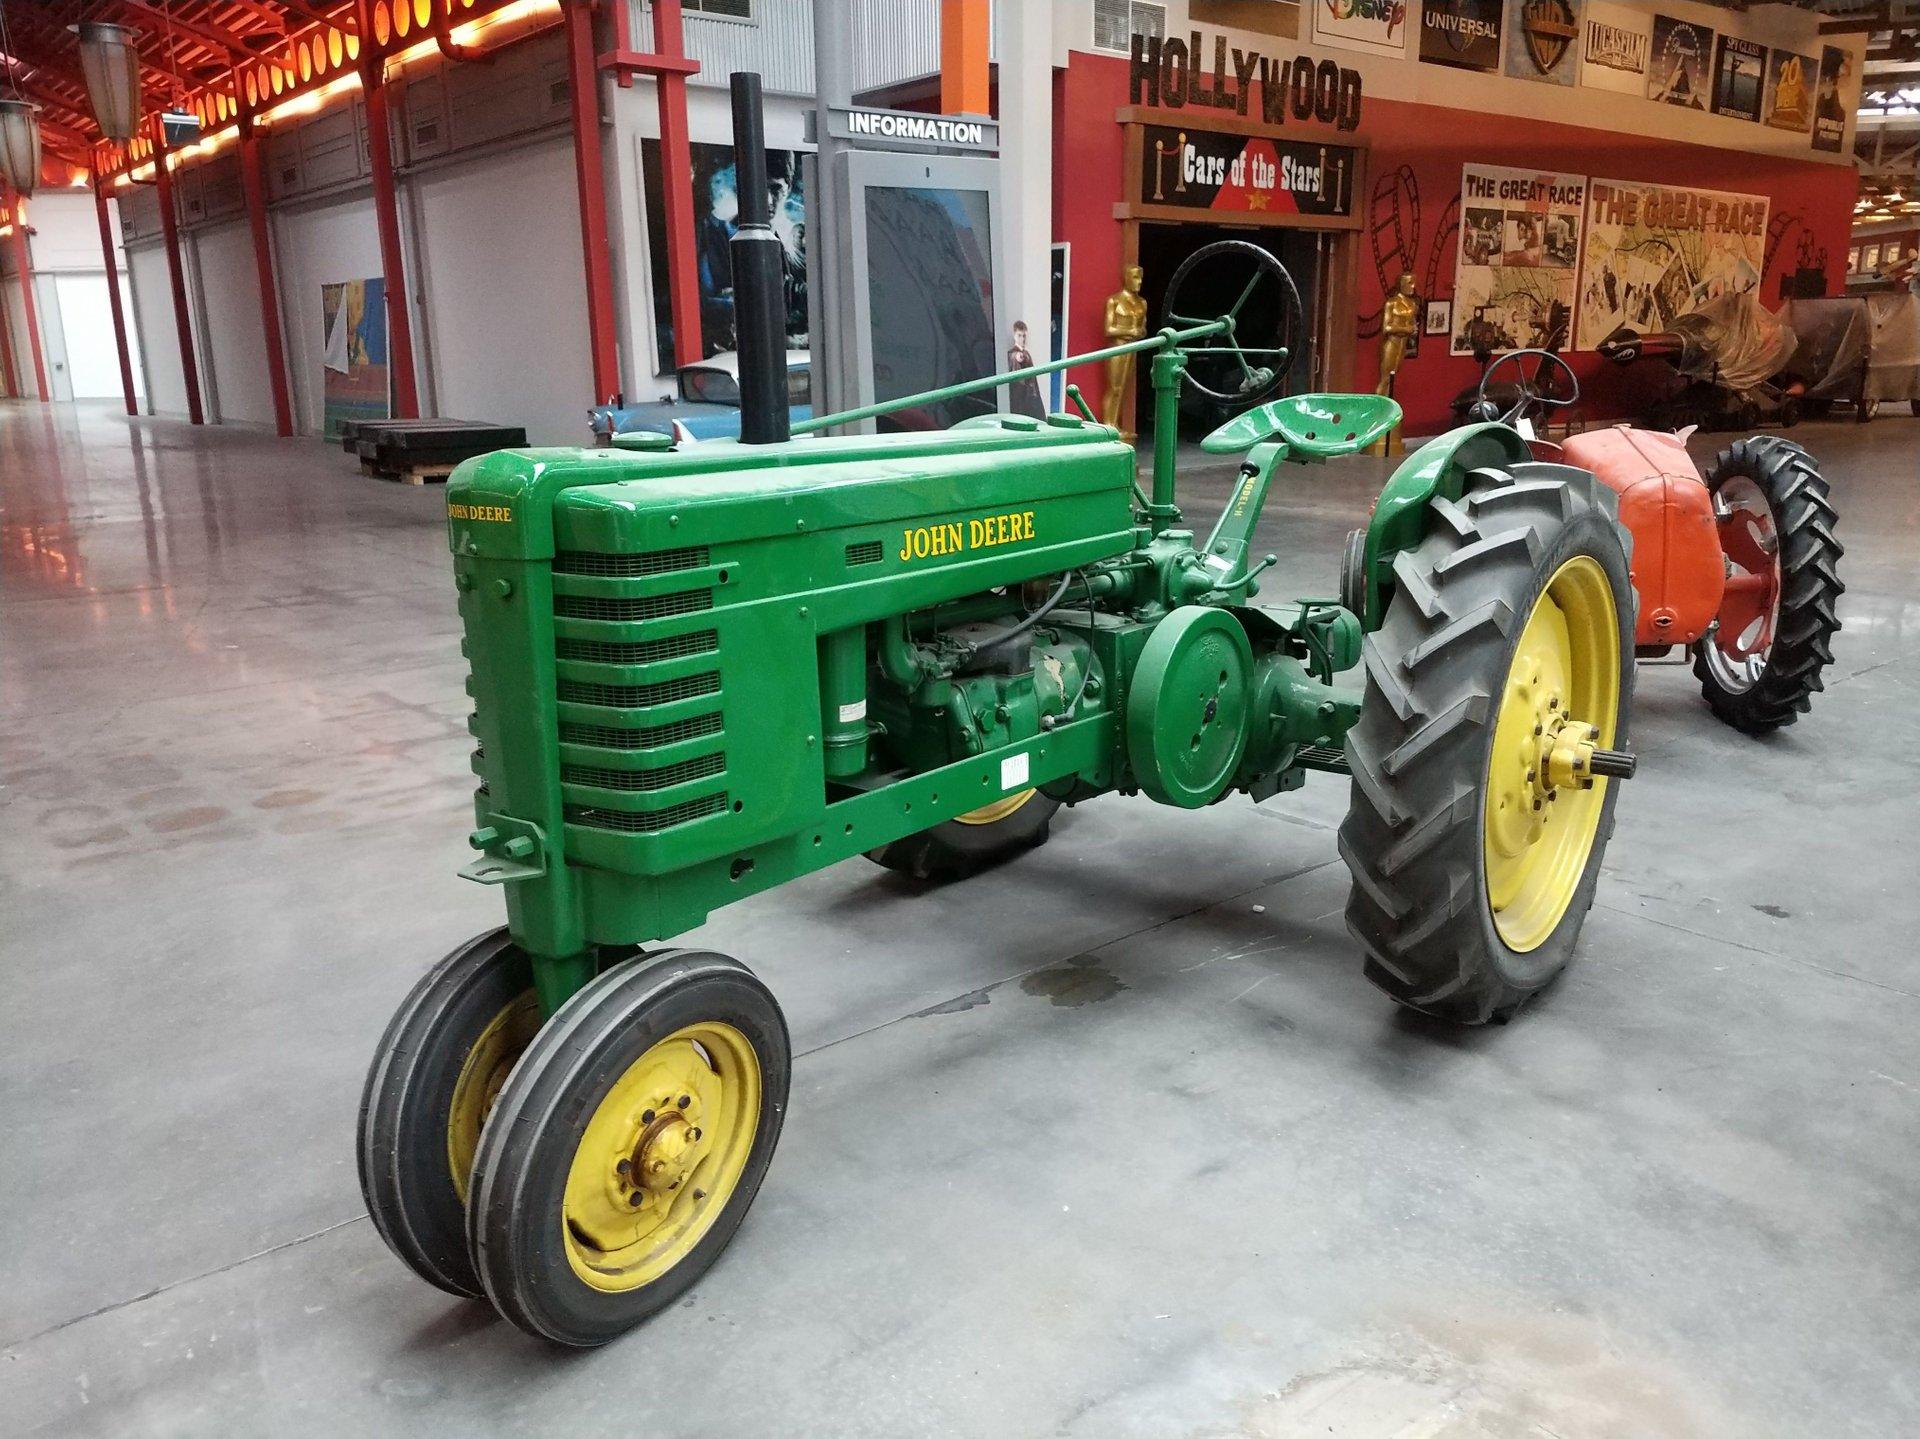 1945 john deere tractor